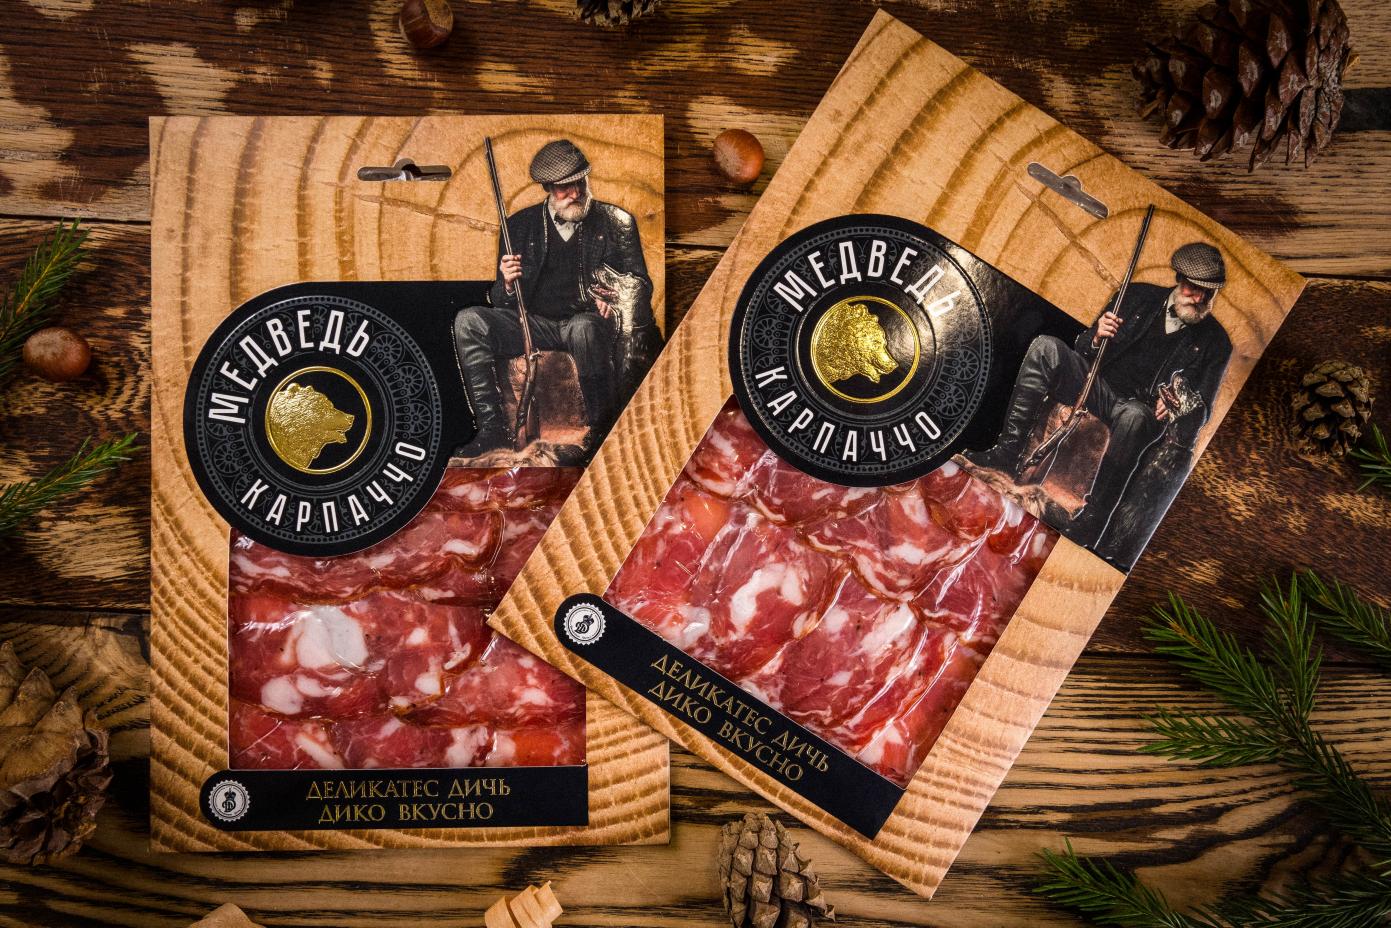 Нарезка из мяса Медведя в подарочной упаковке 100г